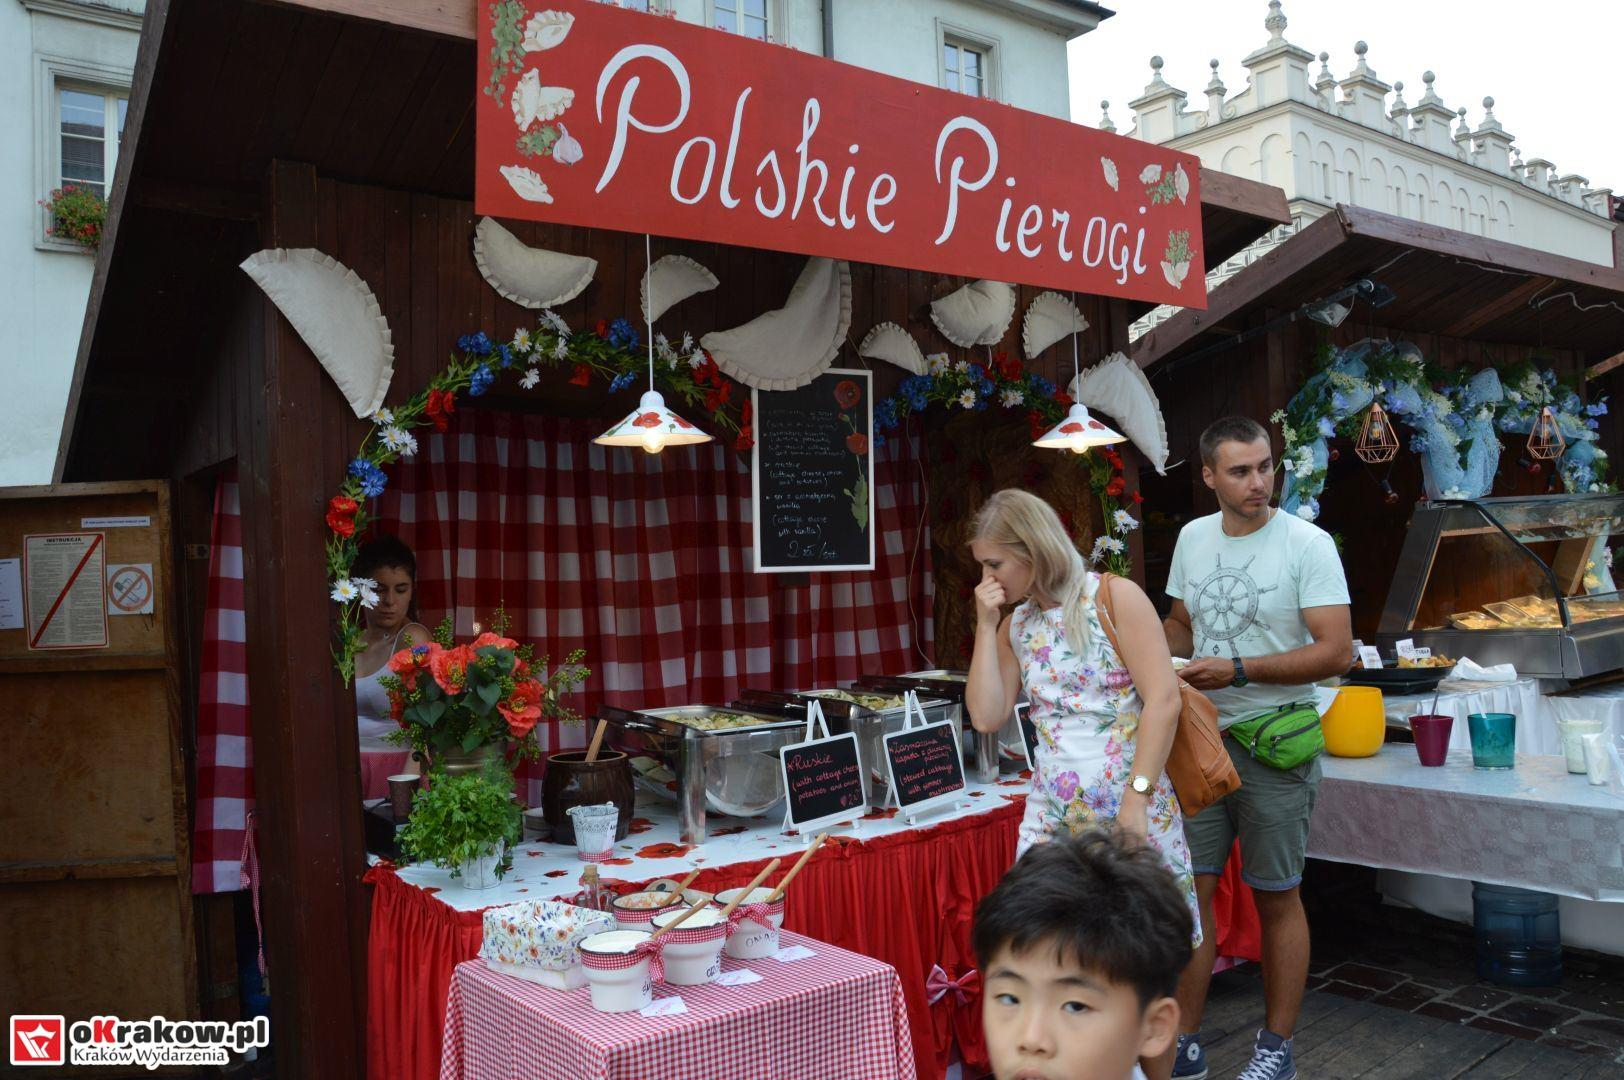 krakow festiwal pierogow maly rynek koncert cheap tobacco 33 150x150 - Galeria zdjęć Festiwal Pierogów Kraków 2018 + zdjęcia z koncertu Cheap Tobacco